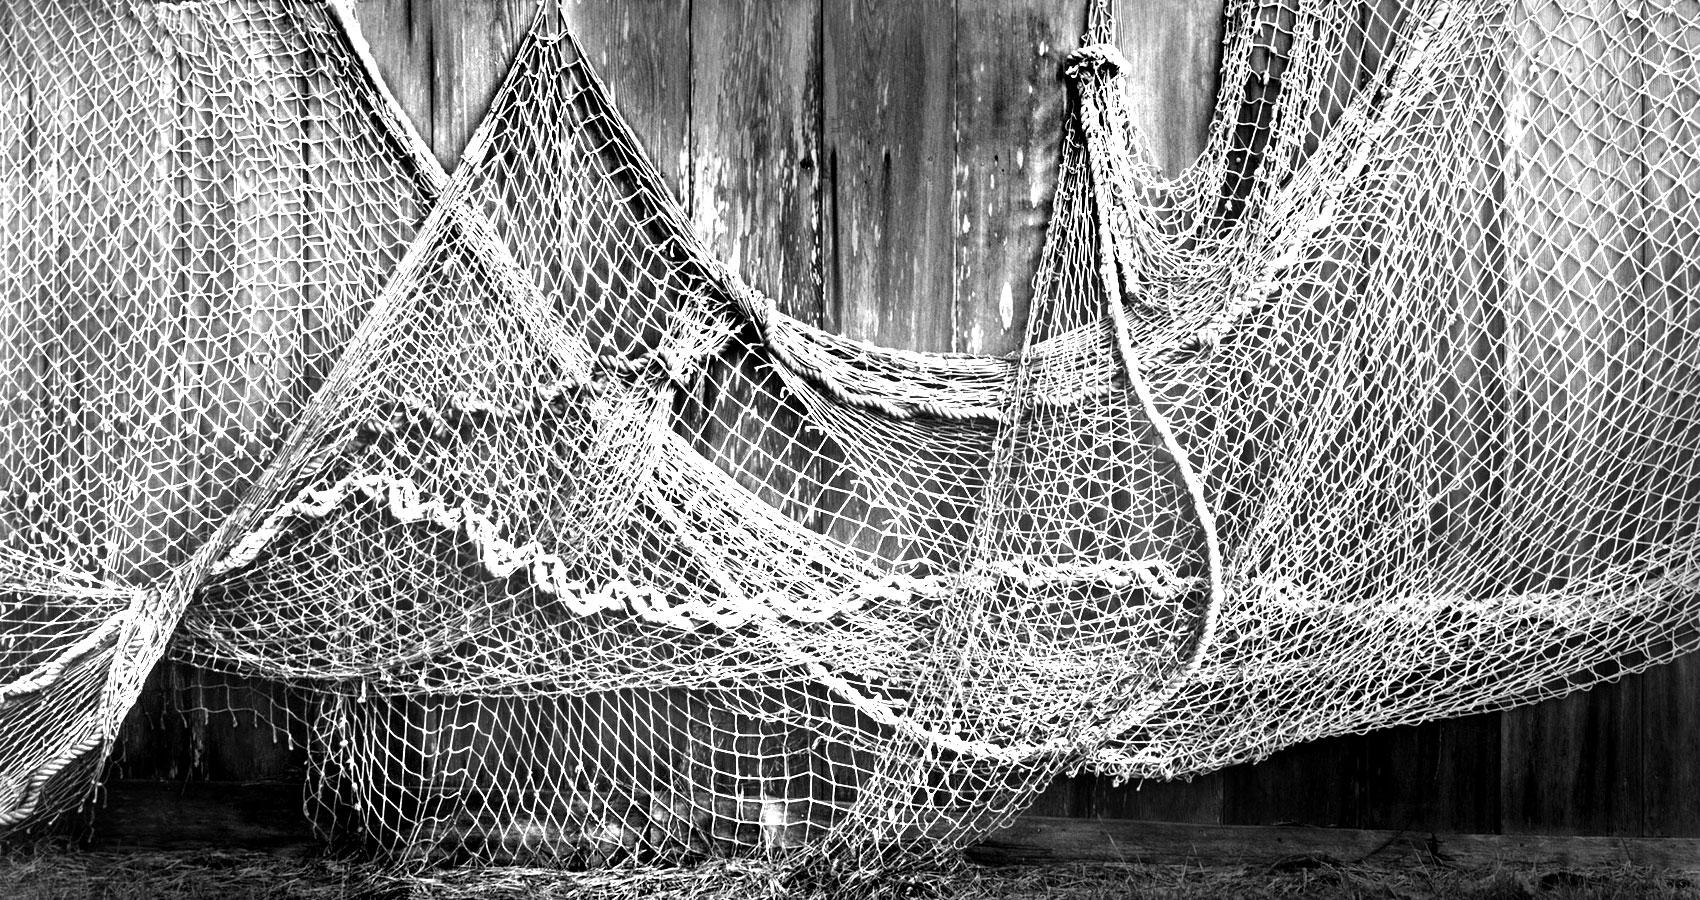 Net written by Isabelle Dear at Spillwords.com